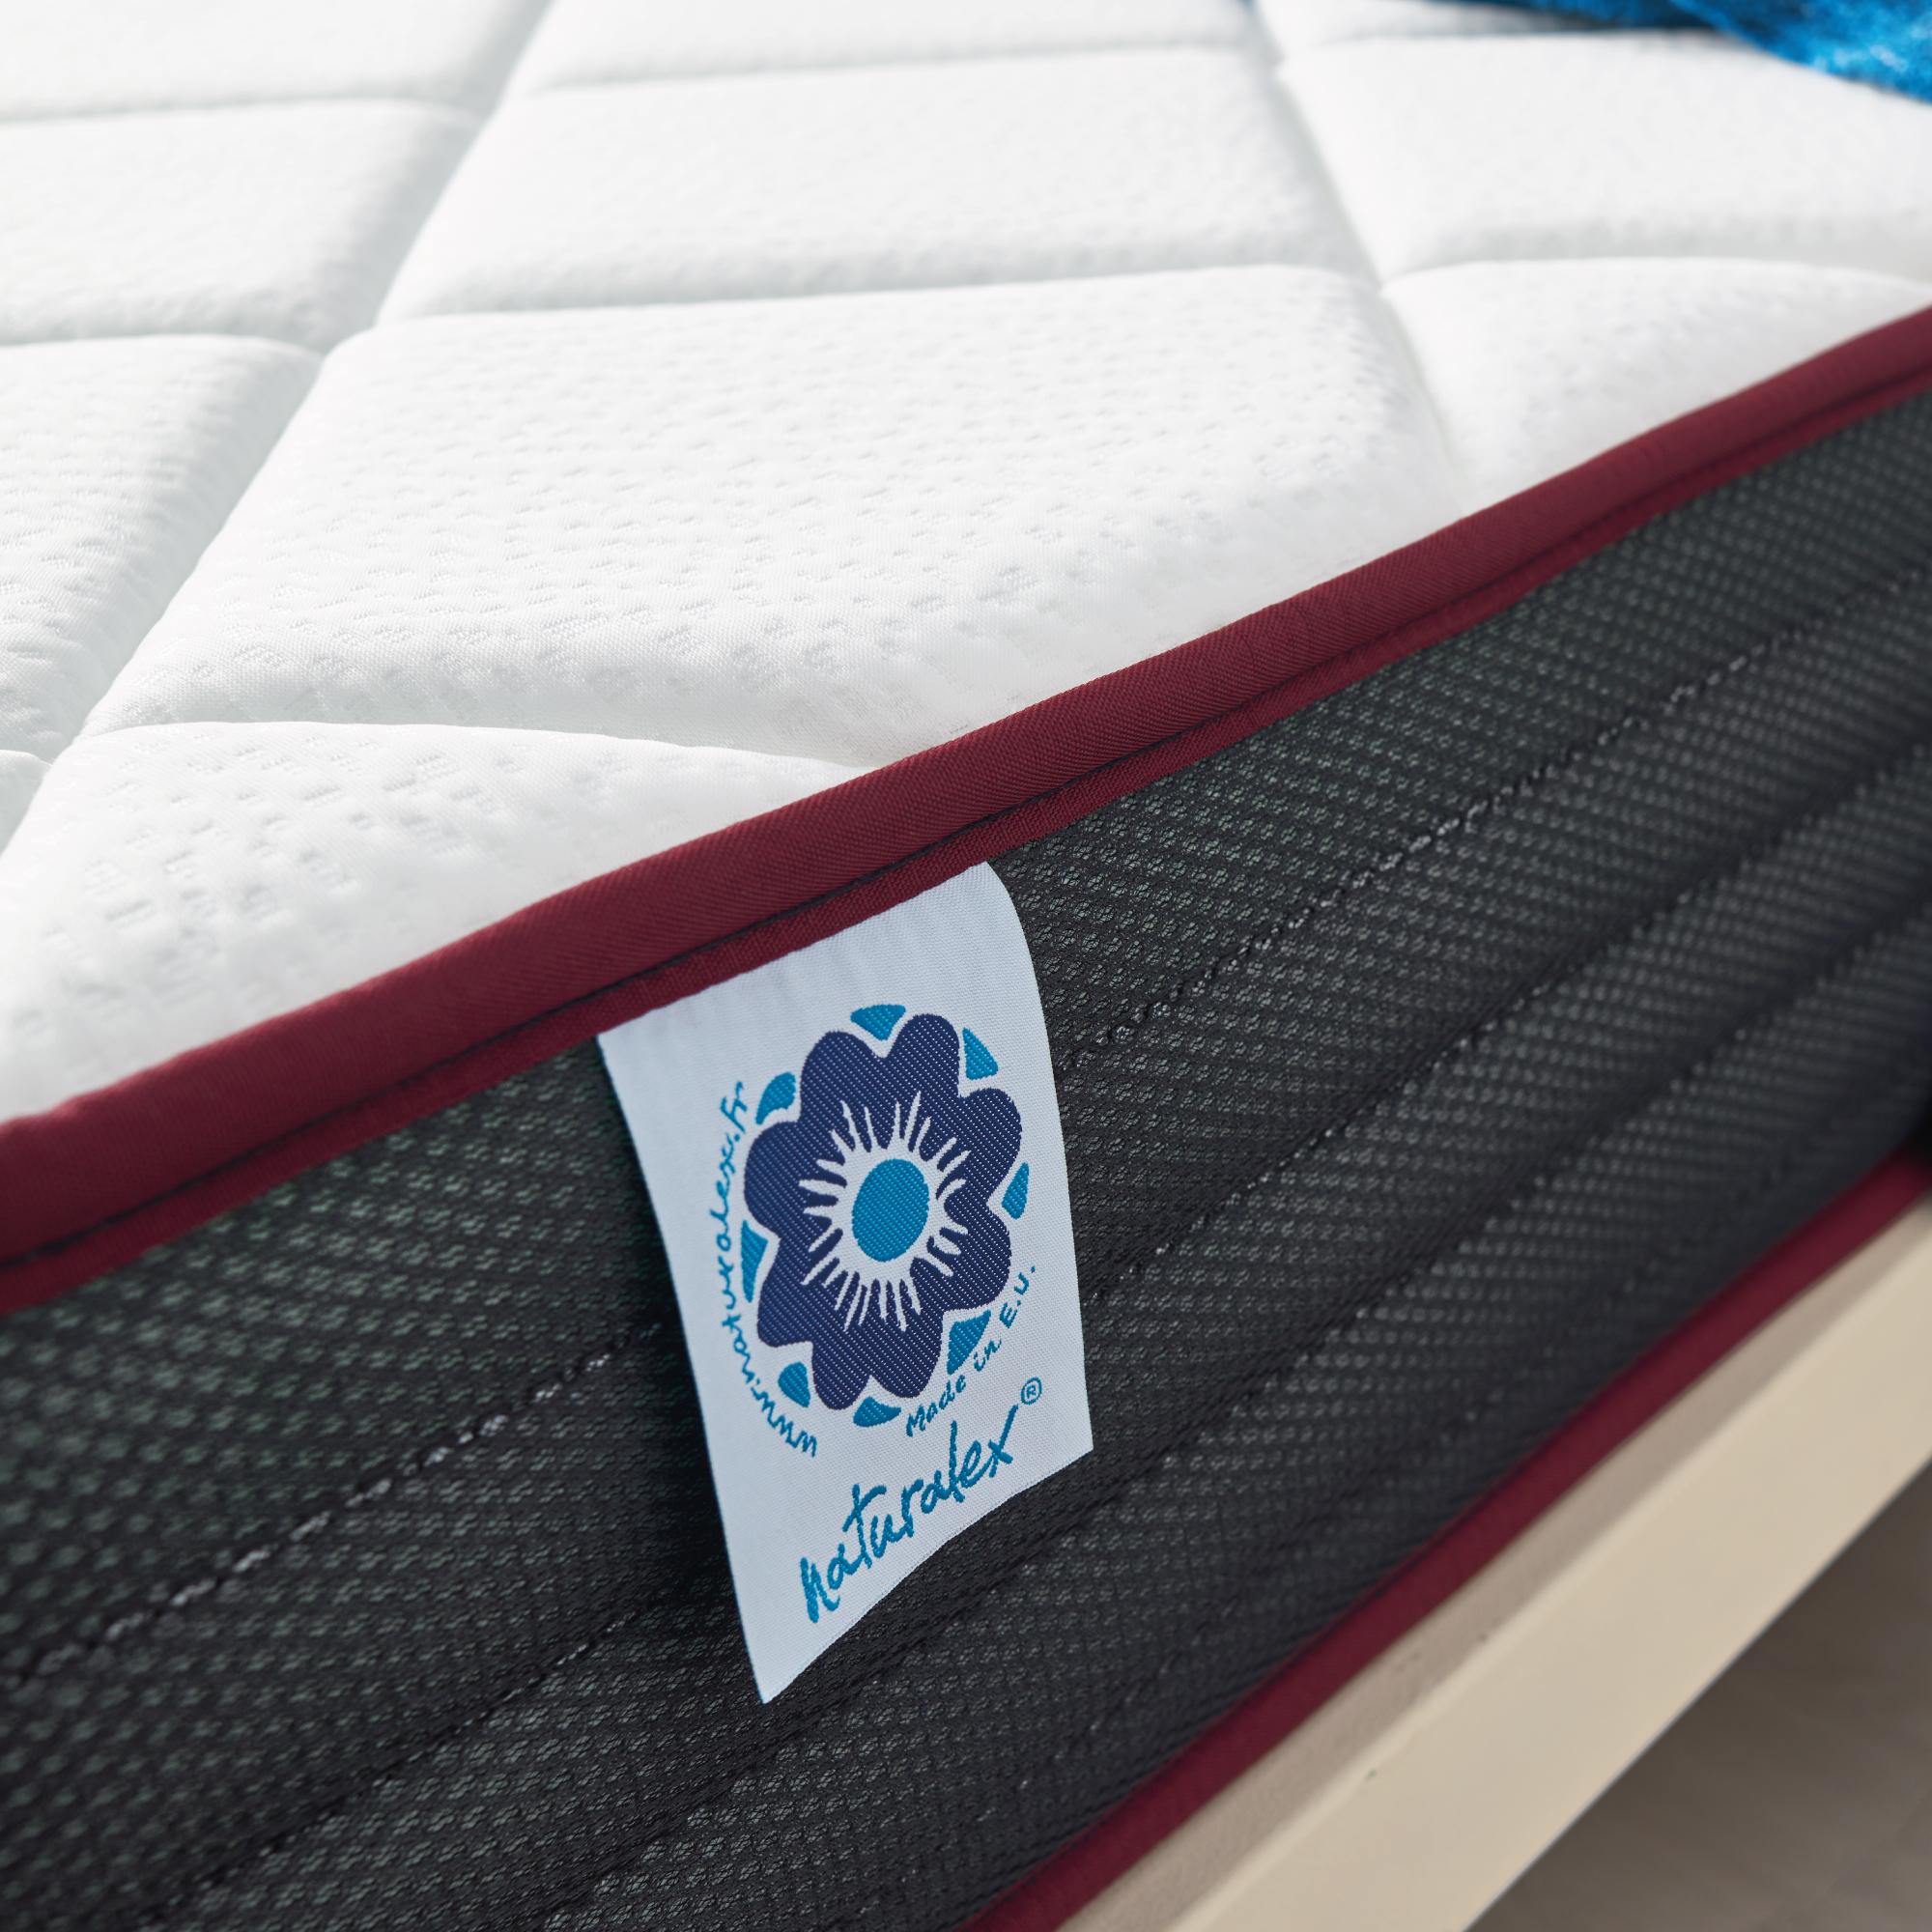 Mousse /à M/émoire Visco/élastique Thermor/égulatrice et Adaptative Technologie Blue Latex HR R/éversible /Ét/é Dualvisco Matelas 70x190 Cm Ergonomique 7 Zones de Confort NATURALEX Fleximax